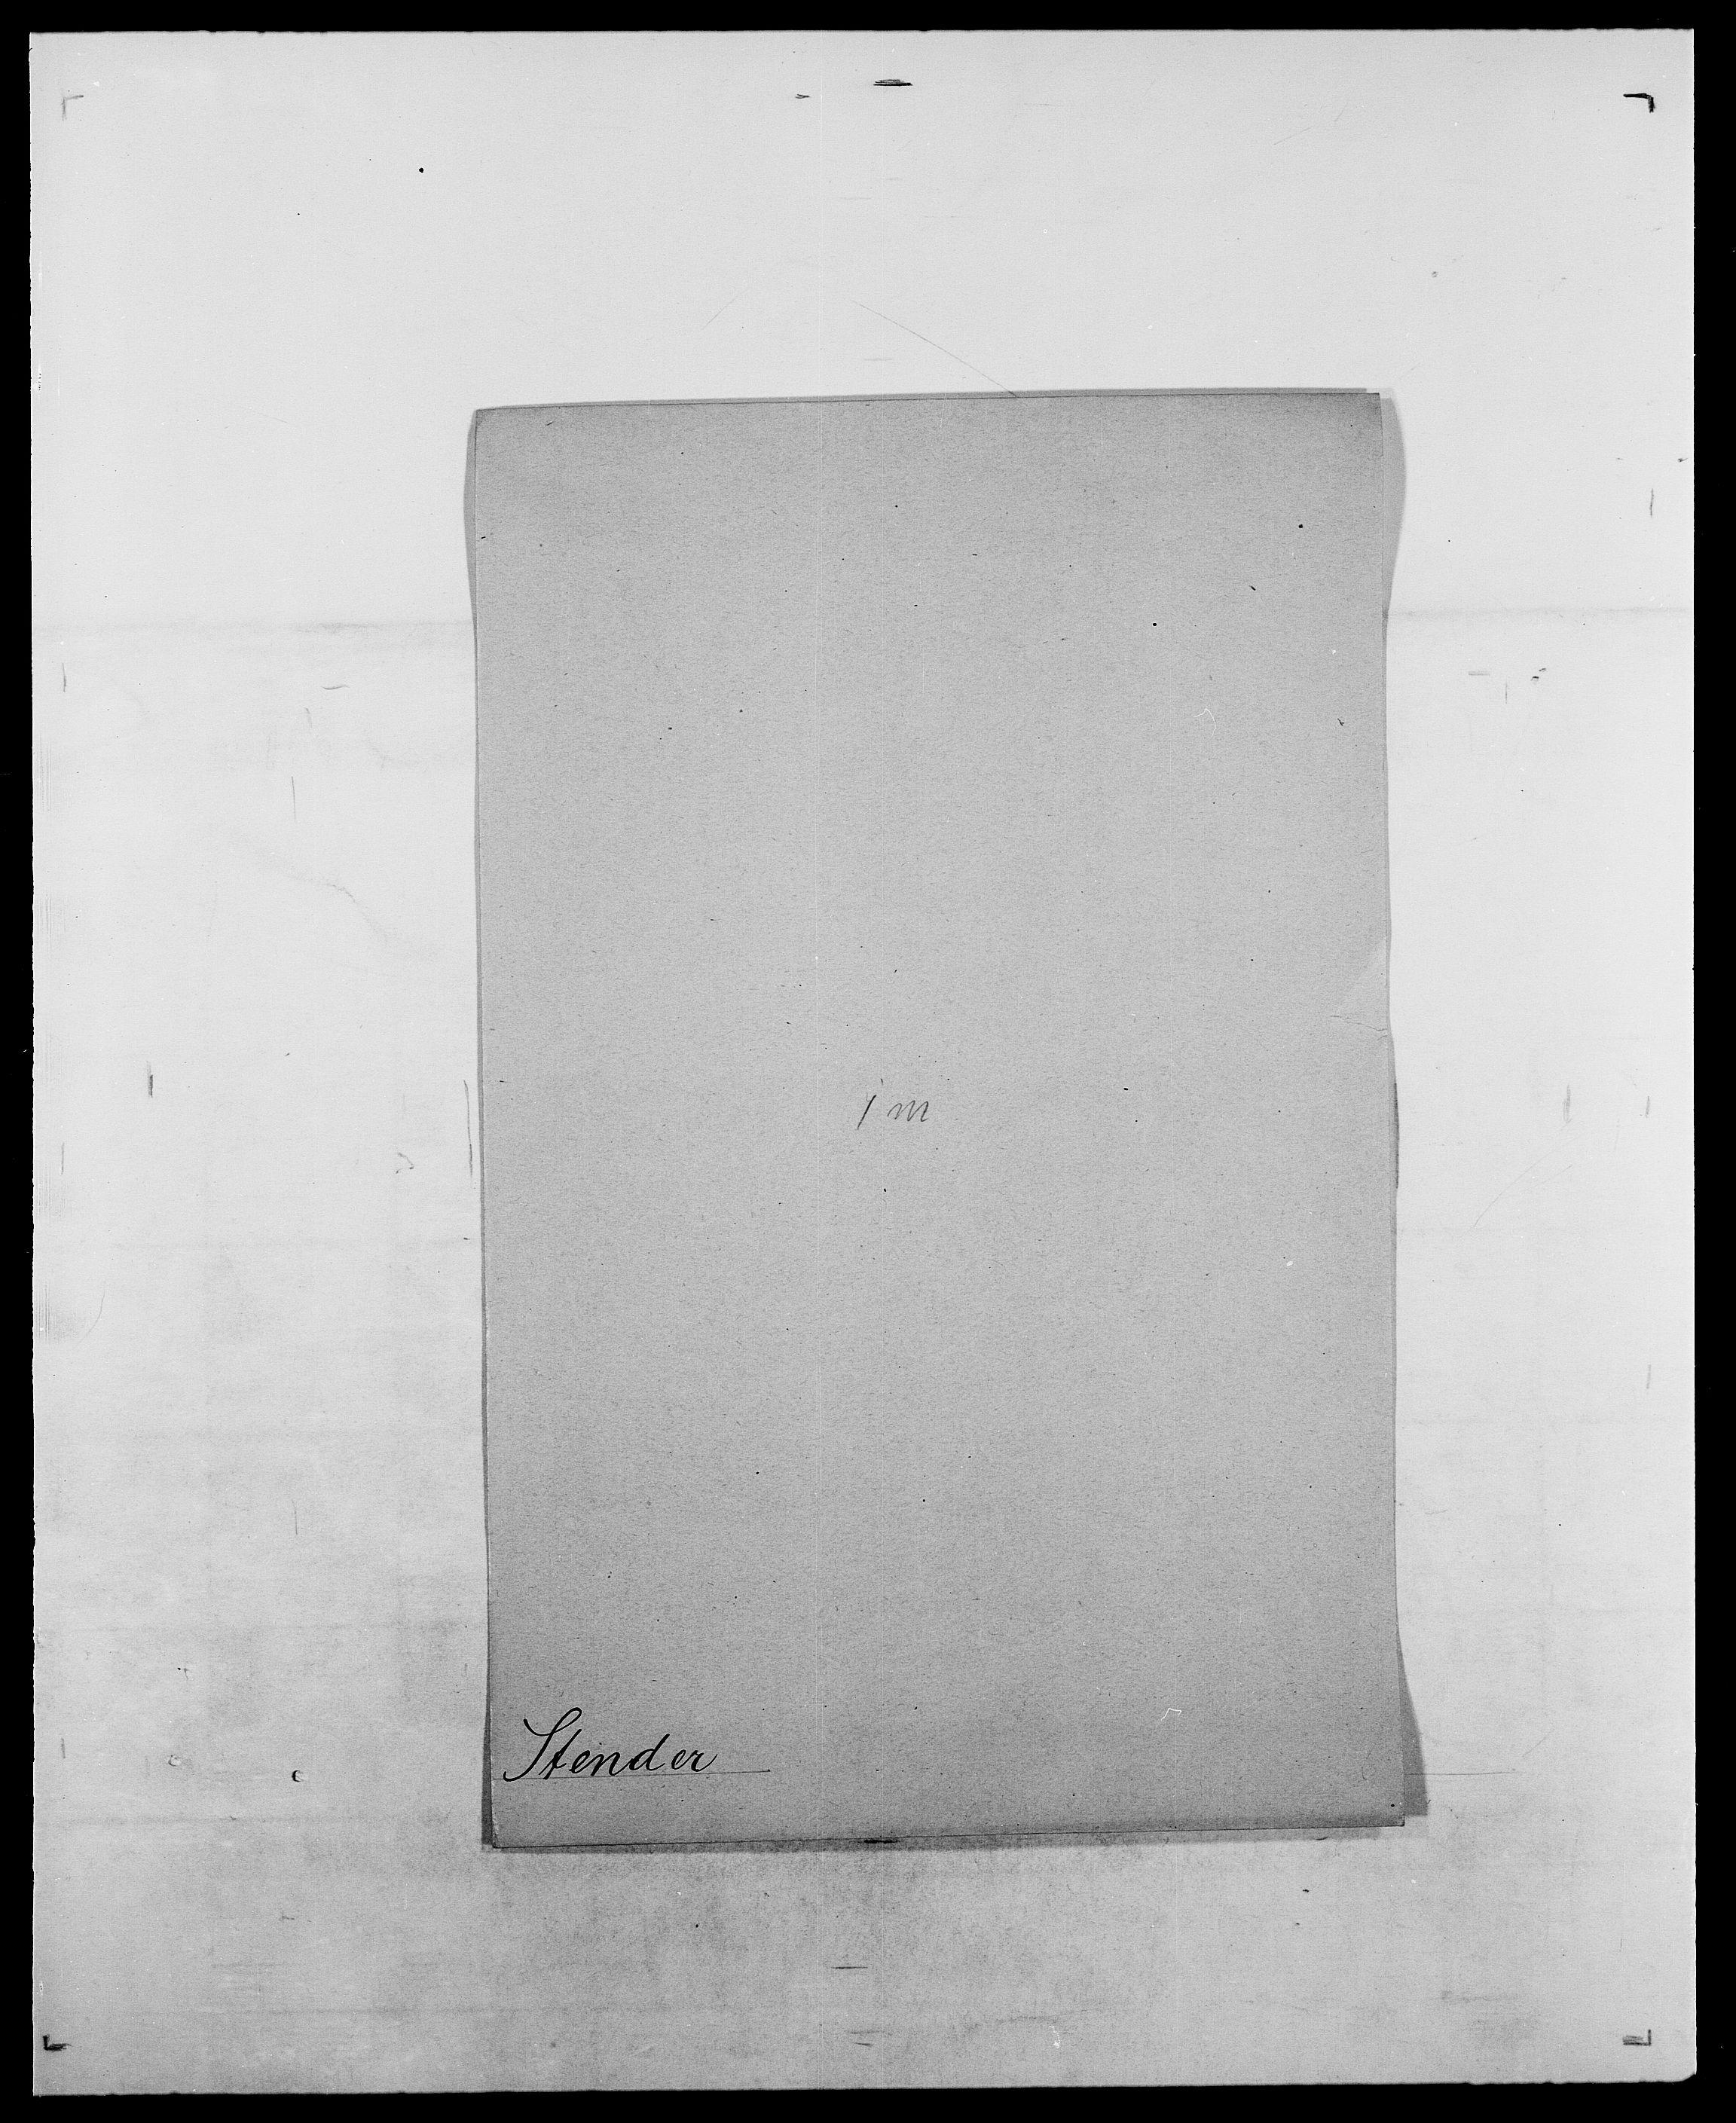 SAO, Delgobe, Charles Antoine - samling, D/Da/L0037: Steen, Sthen, Stein - Svare, Svanige, Svanne, se også Svanning og Schwane, s. 269